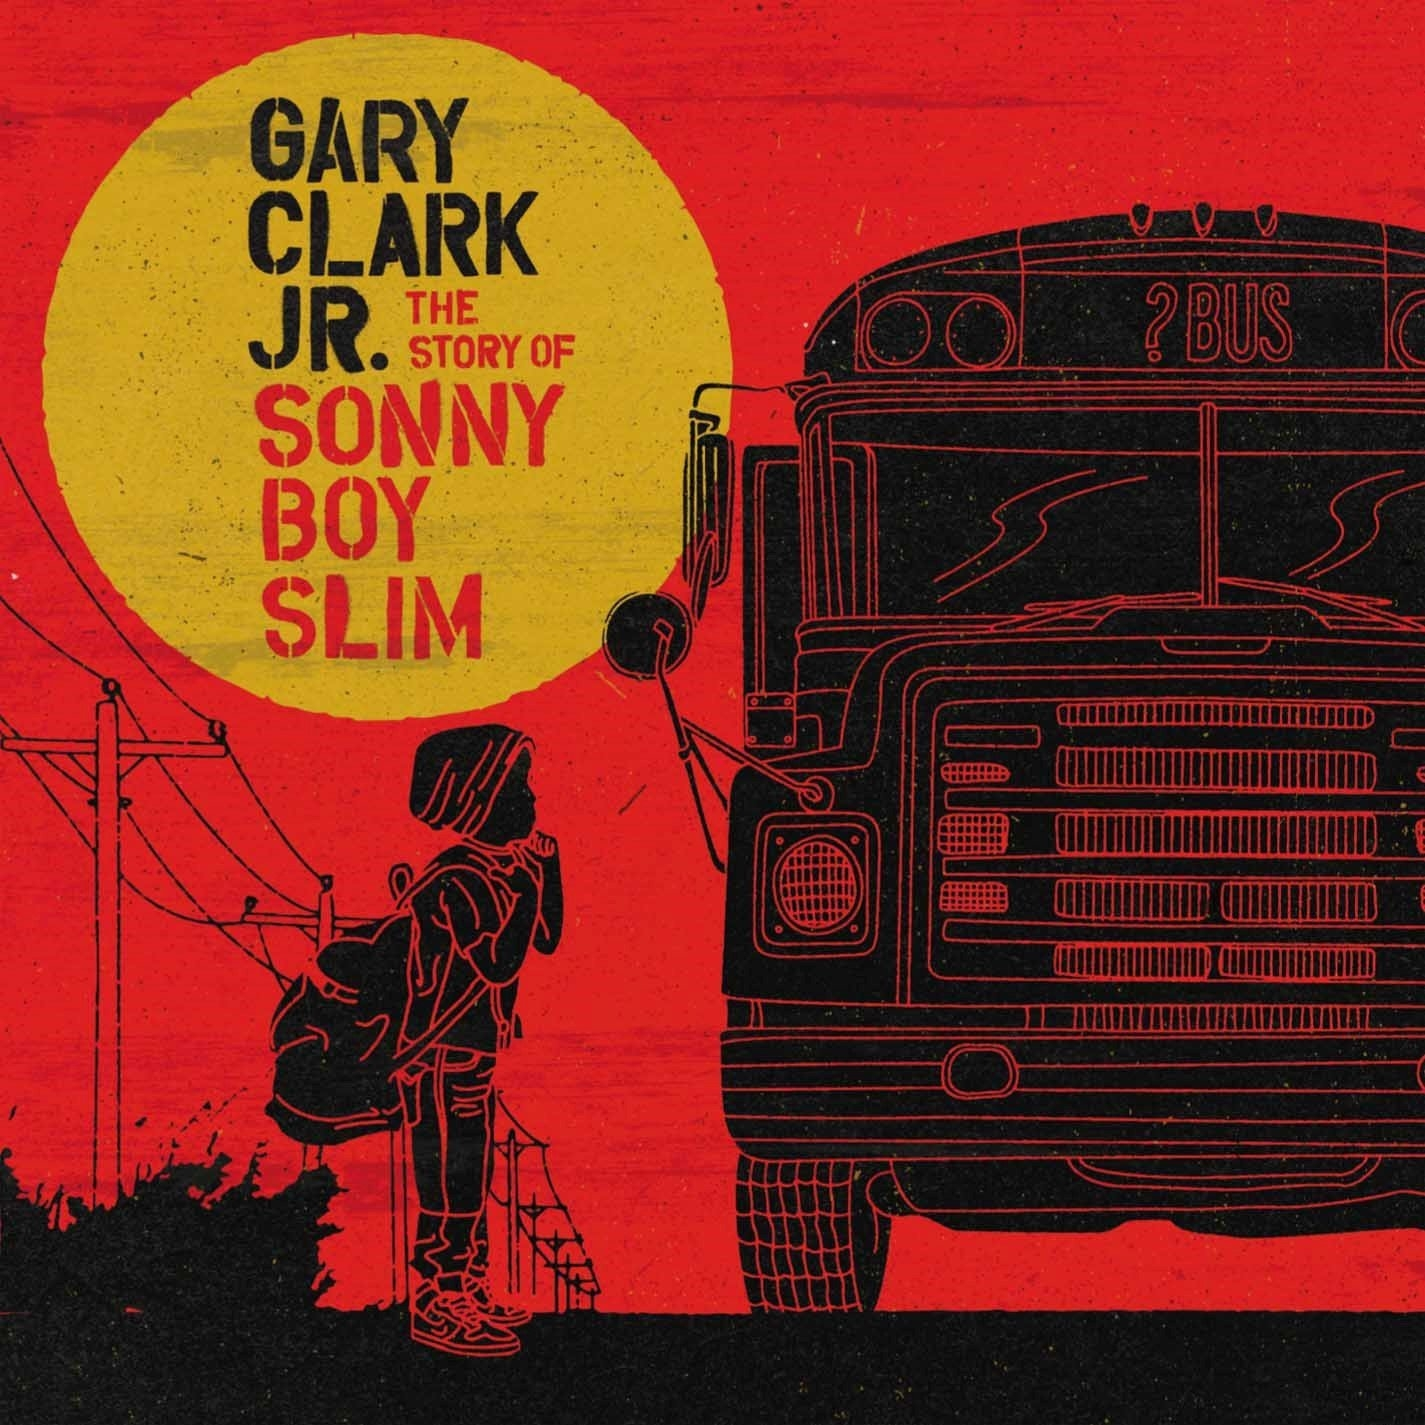 GaryClark sonny boy slim